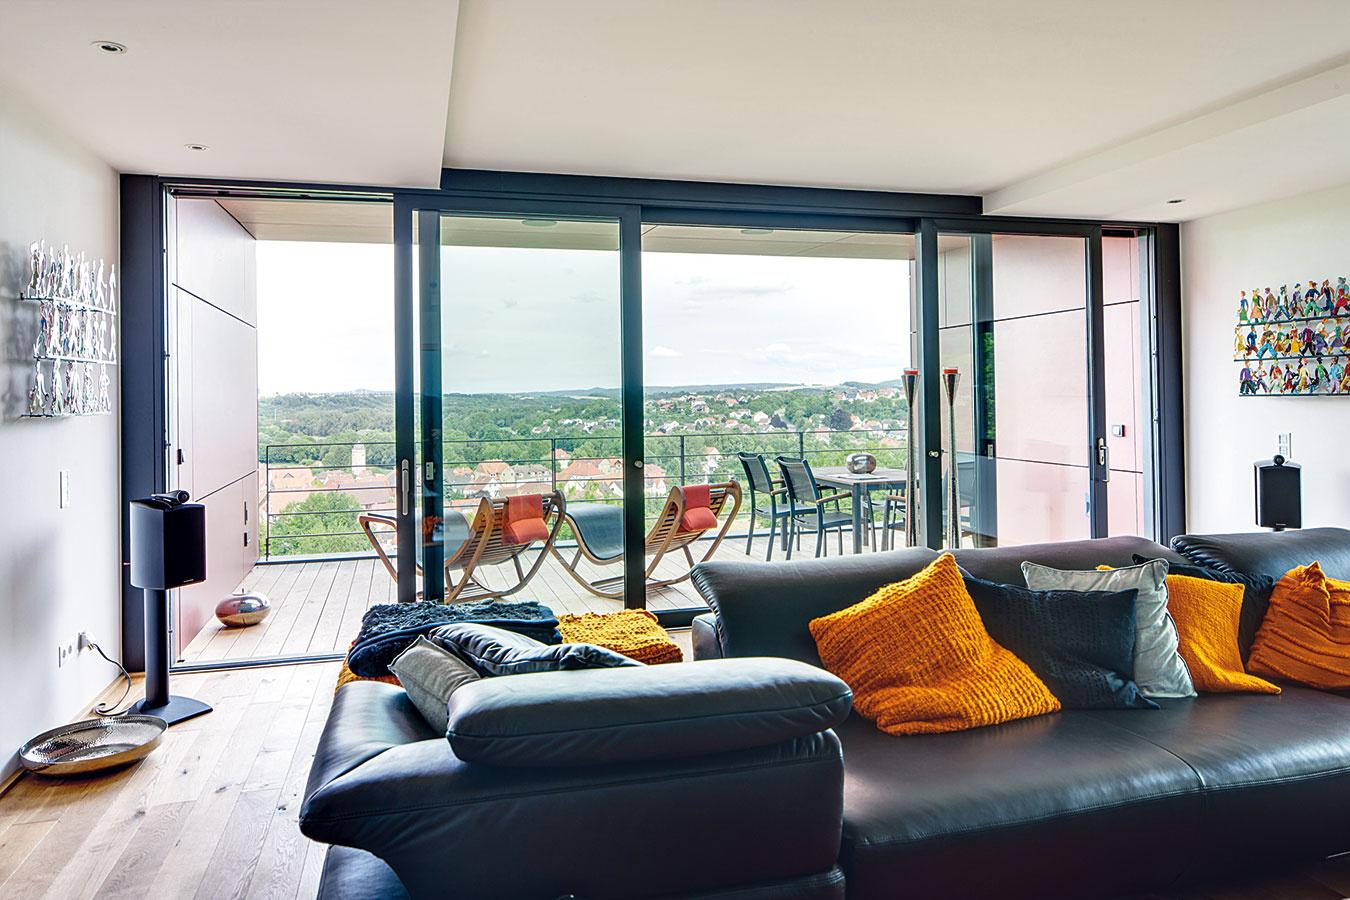 Bez prekážok. Na poschodí majú majitelia obývačku spôsobivým výhľadom do údolia, na ktorú nadväzuje terasa. Zasklený fasádny systém tu búra hranice medzi vnútorným avonkajším priestorom nielen vizuálne, ale aj funkčne – vďaka veľkým posuvno-zdvíhavým dverám ich za pekného počasia možno dokonale prepojiť.